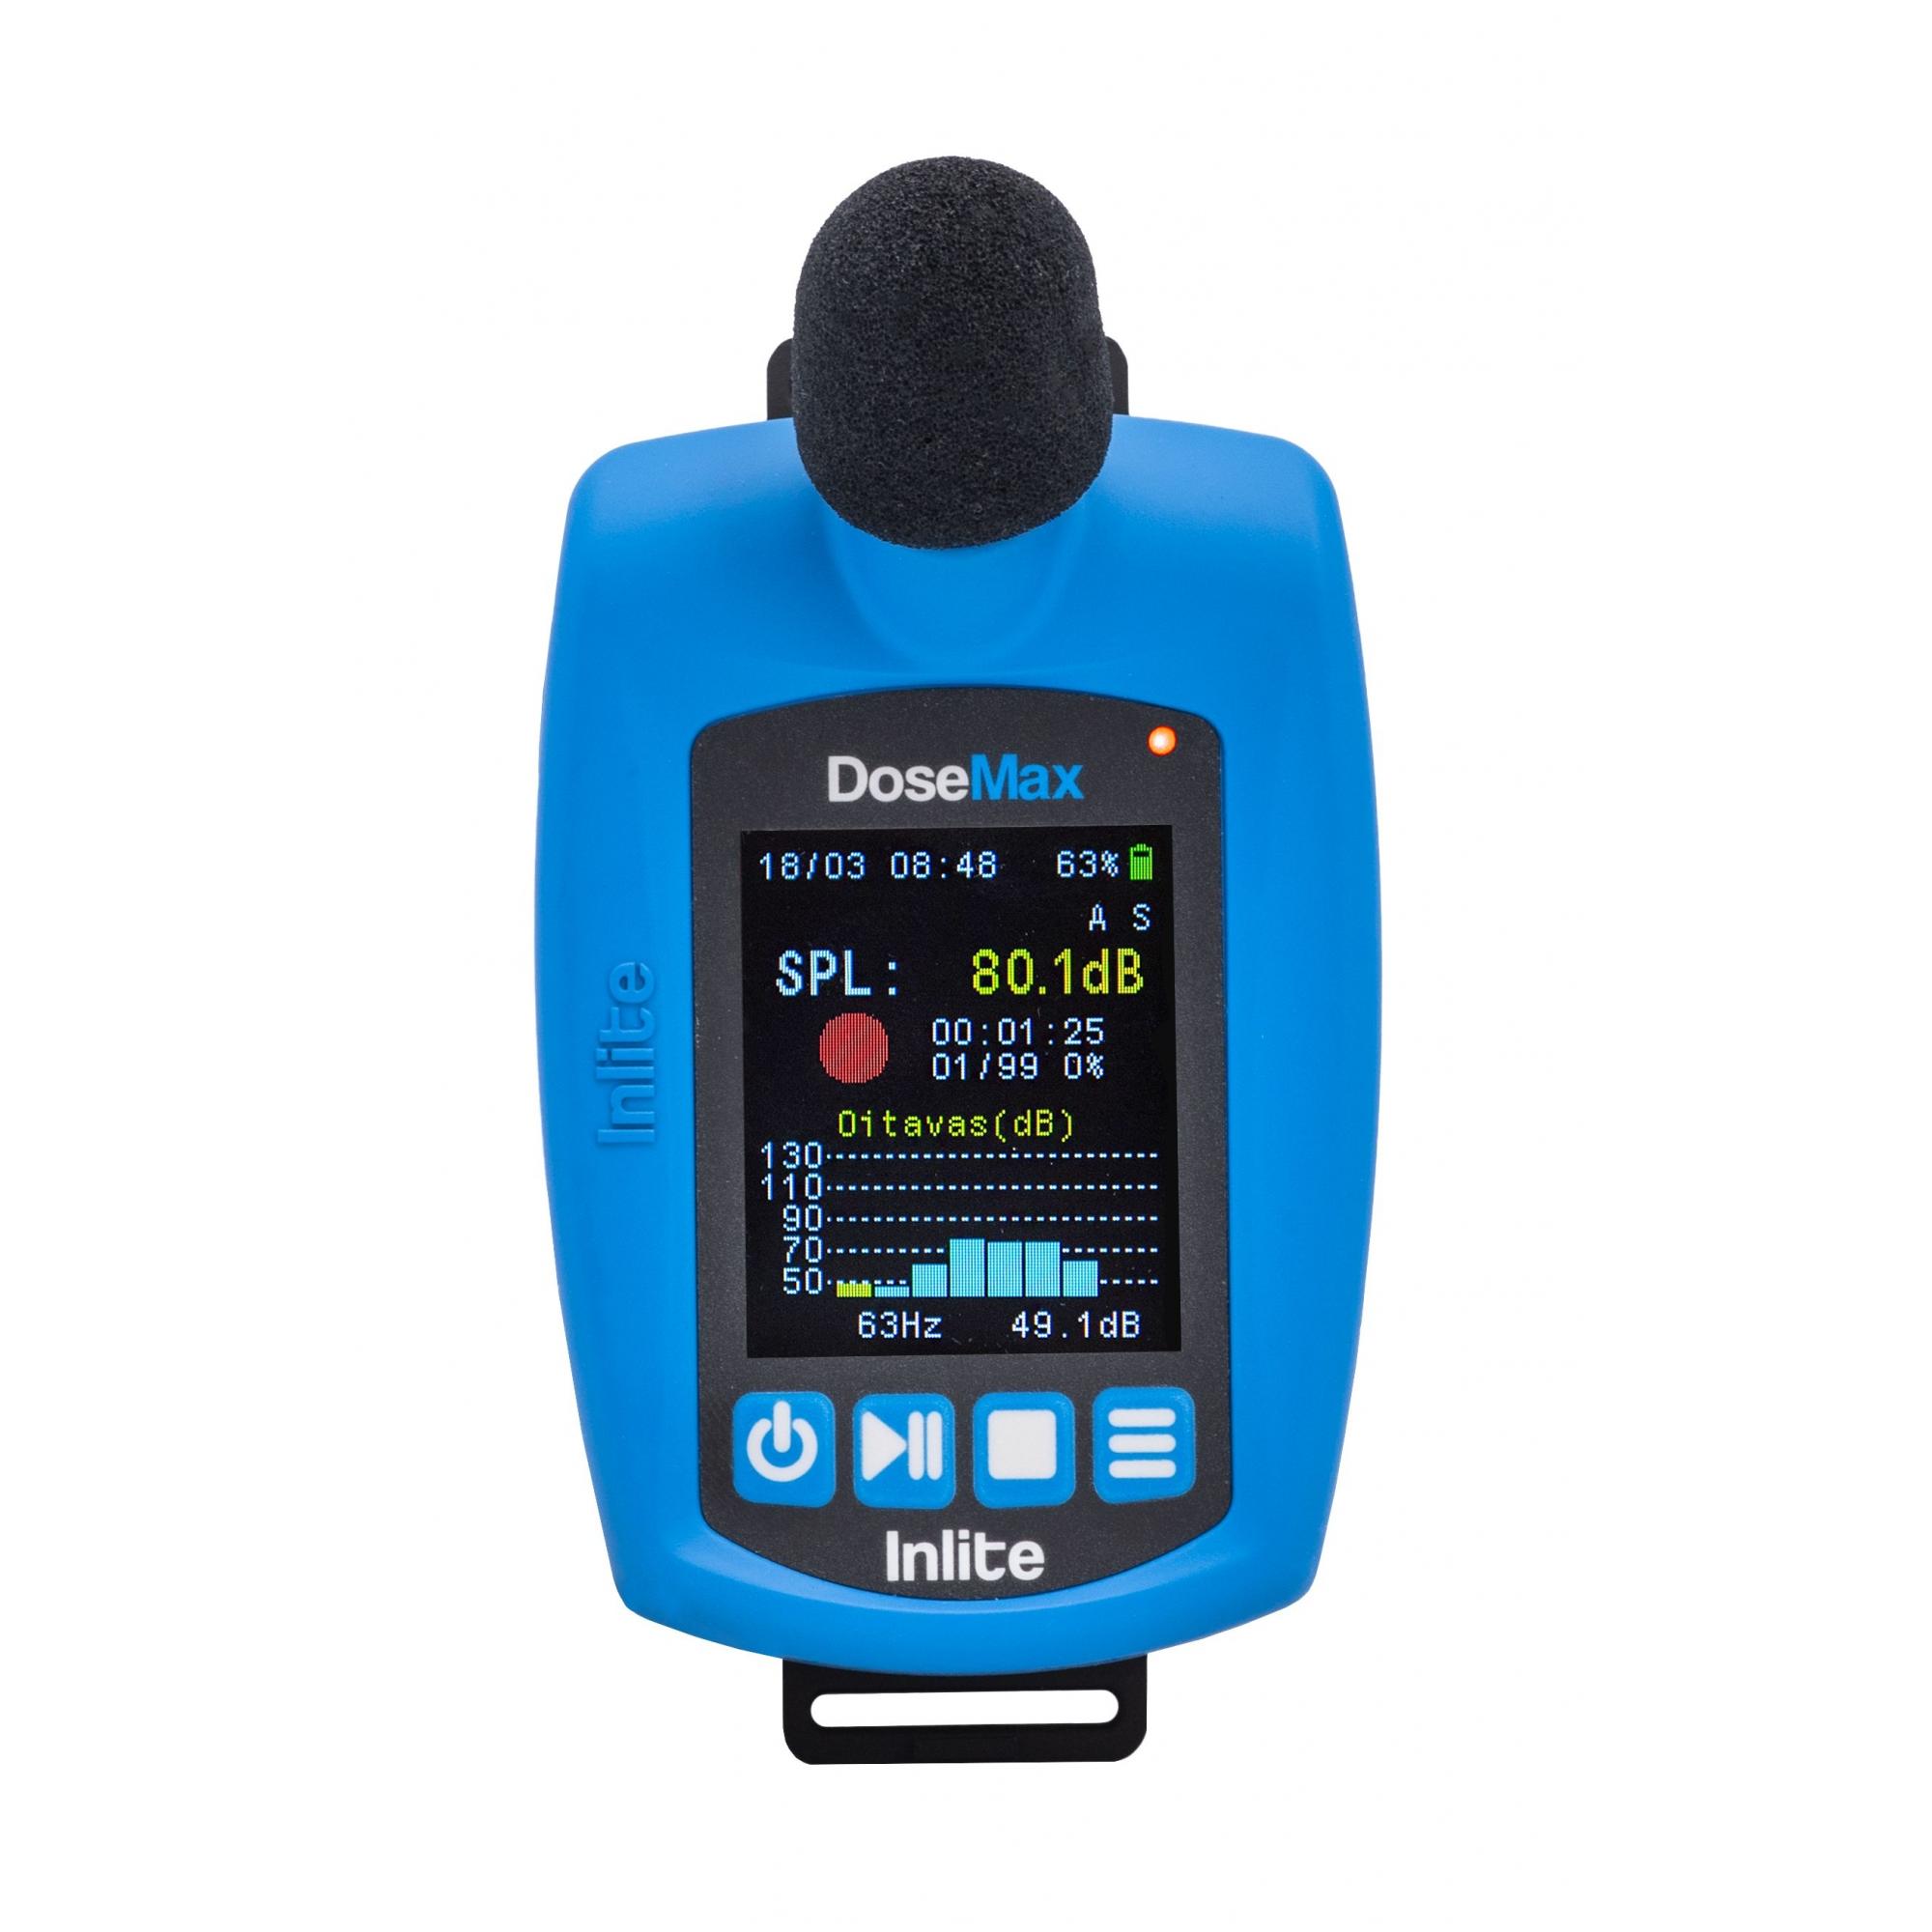 DoseMax Dosímetro de ruído digital com filtro de bandas de oitava e certificado de calibração